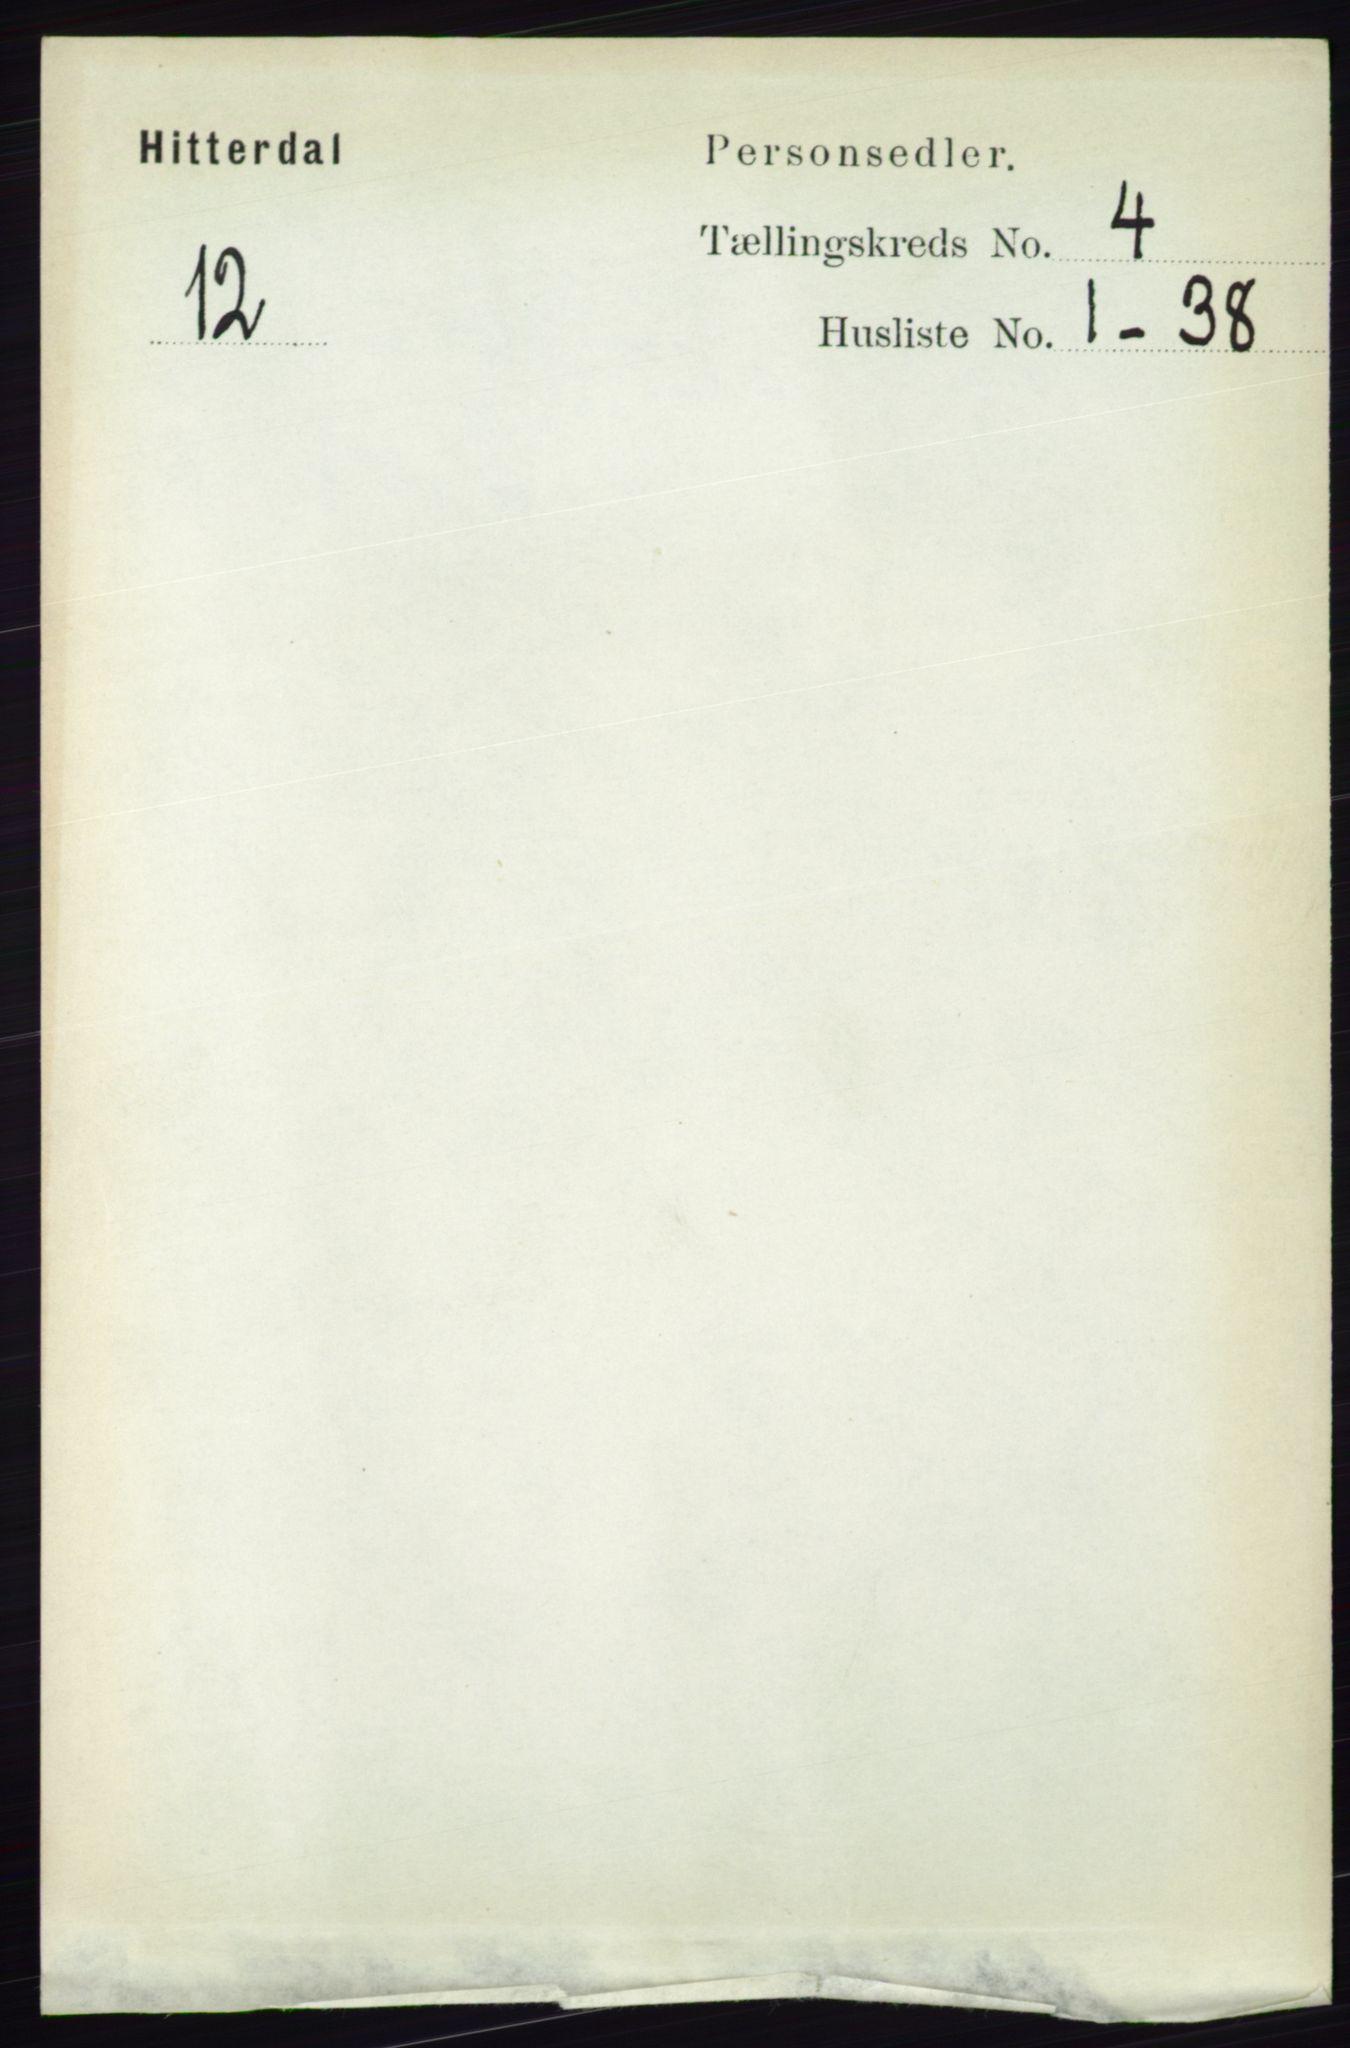 RA, Folketelling 1891 for 0823 Heddal herred, 1891, s. 1671